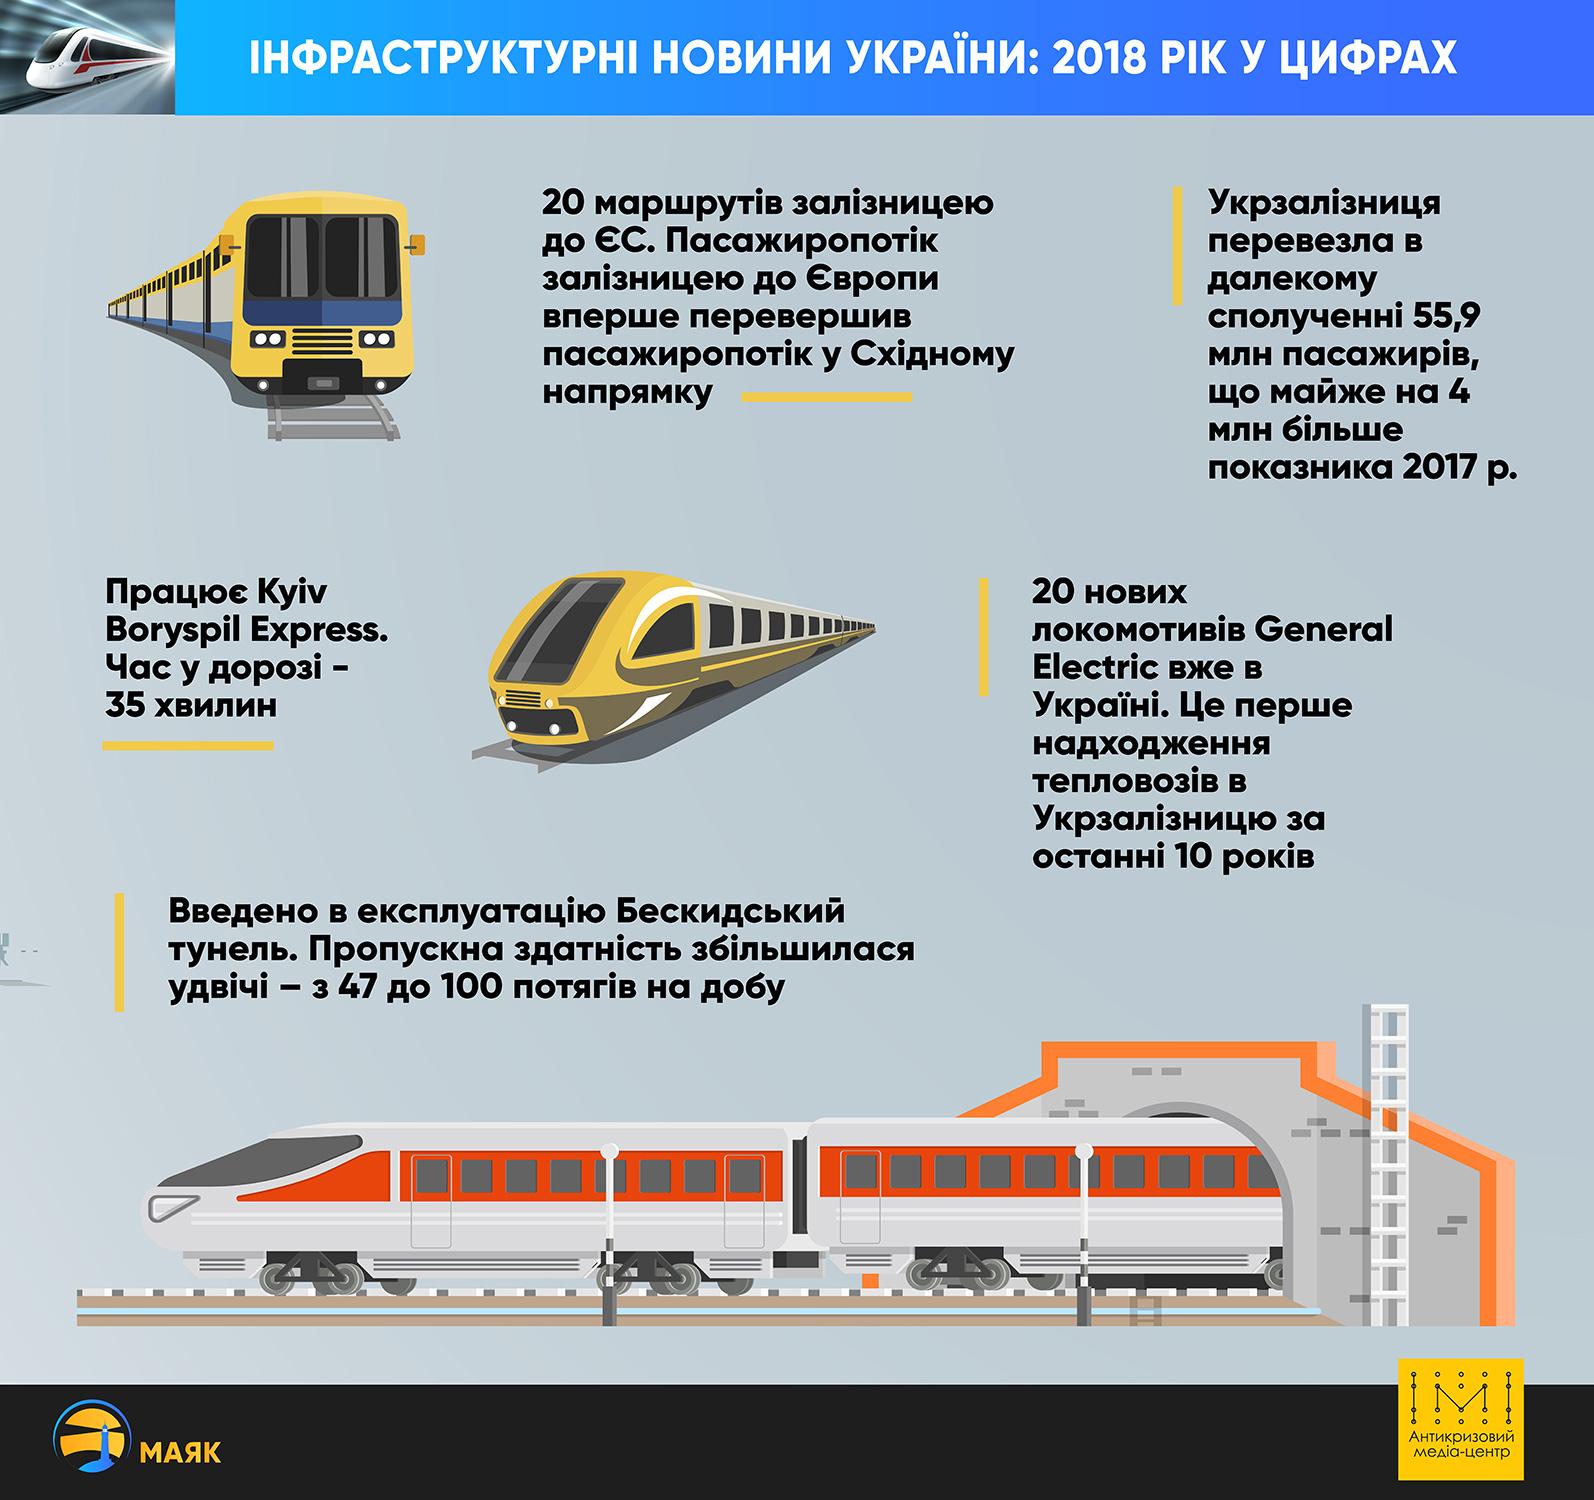 Інфраструктурна галузь України: про що кажуть показники 2018 року - Фото №2